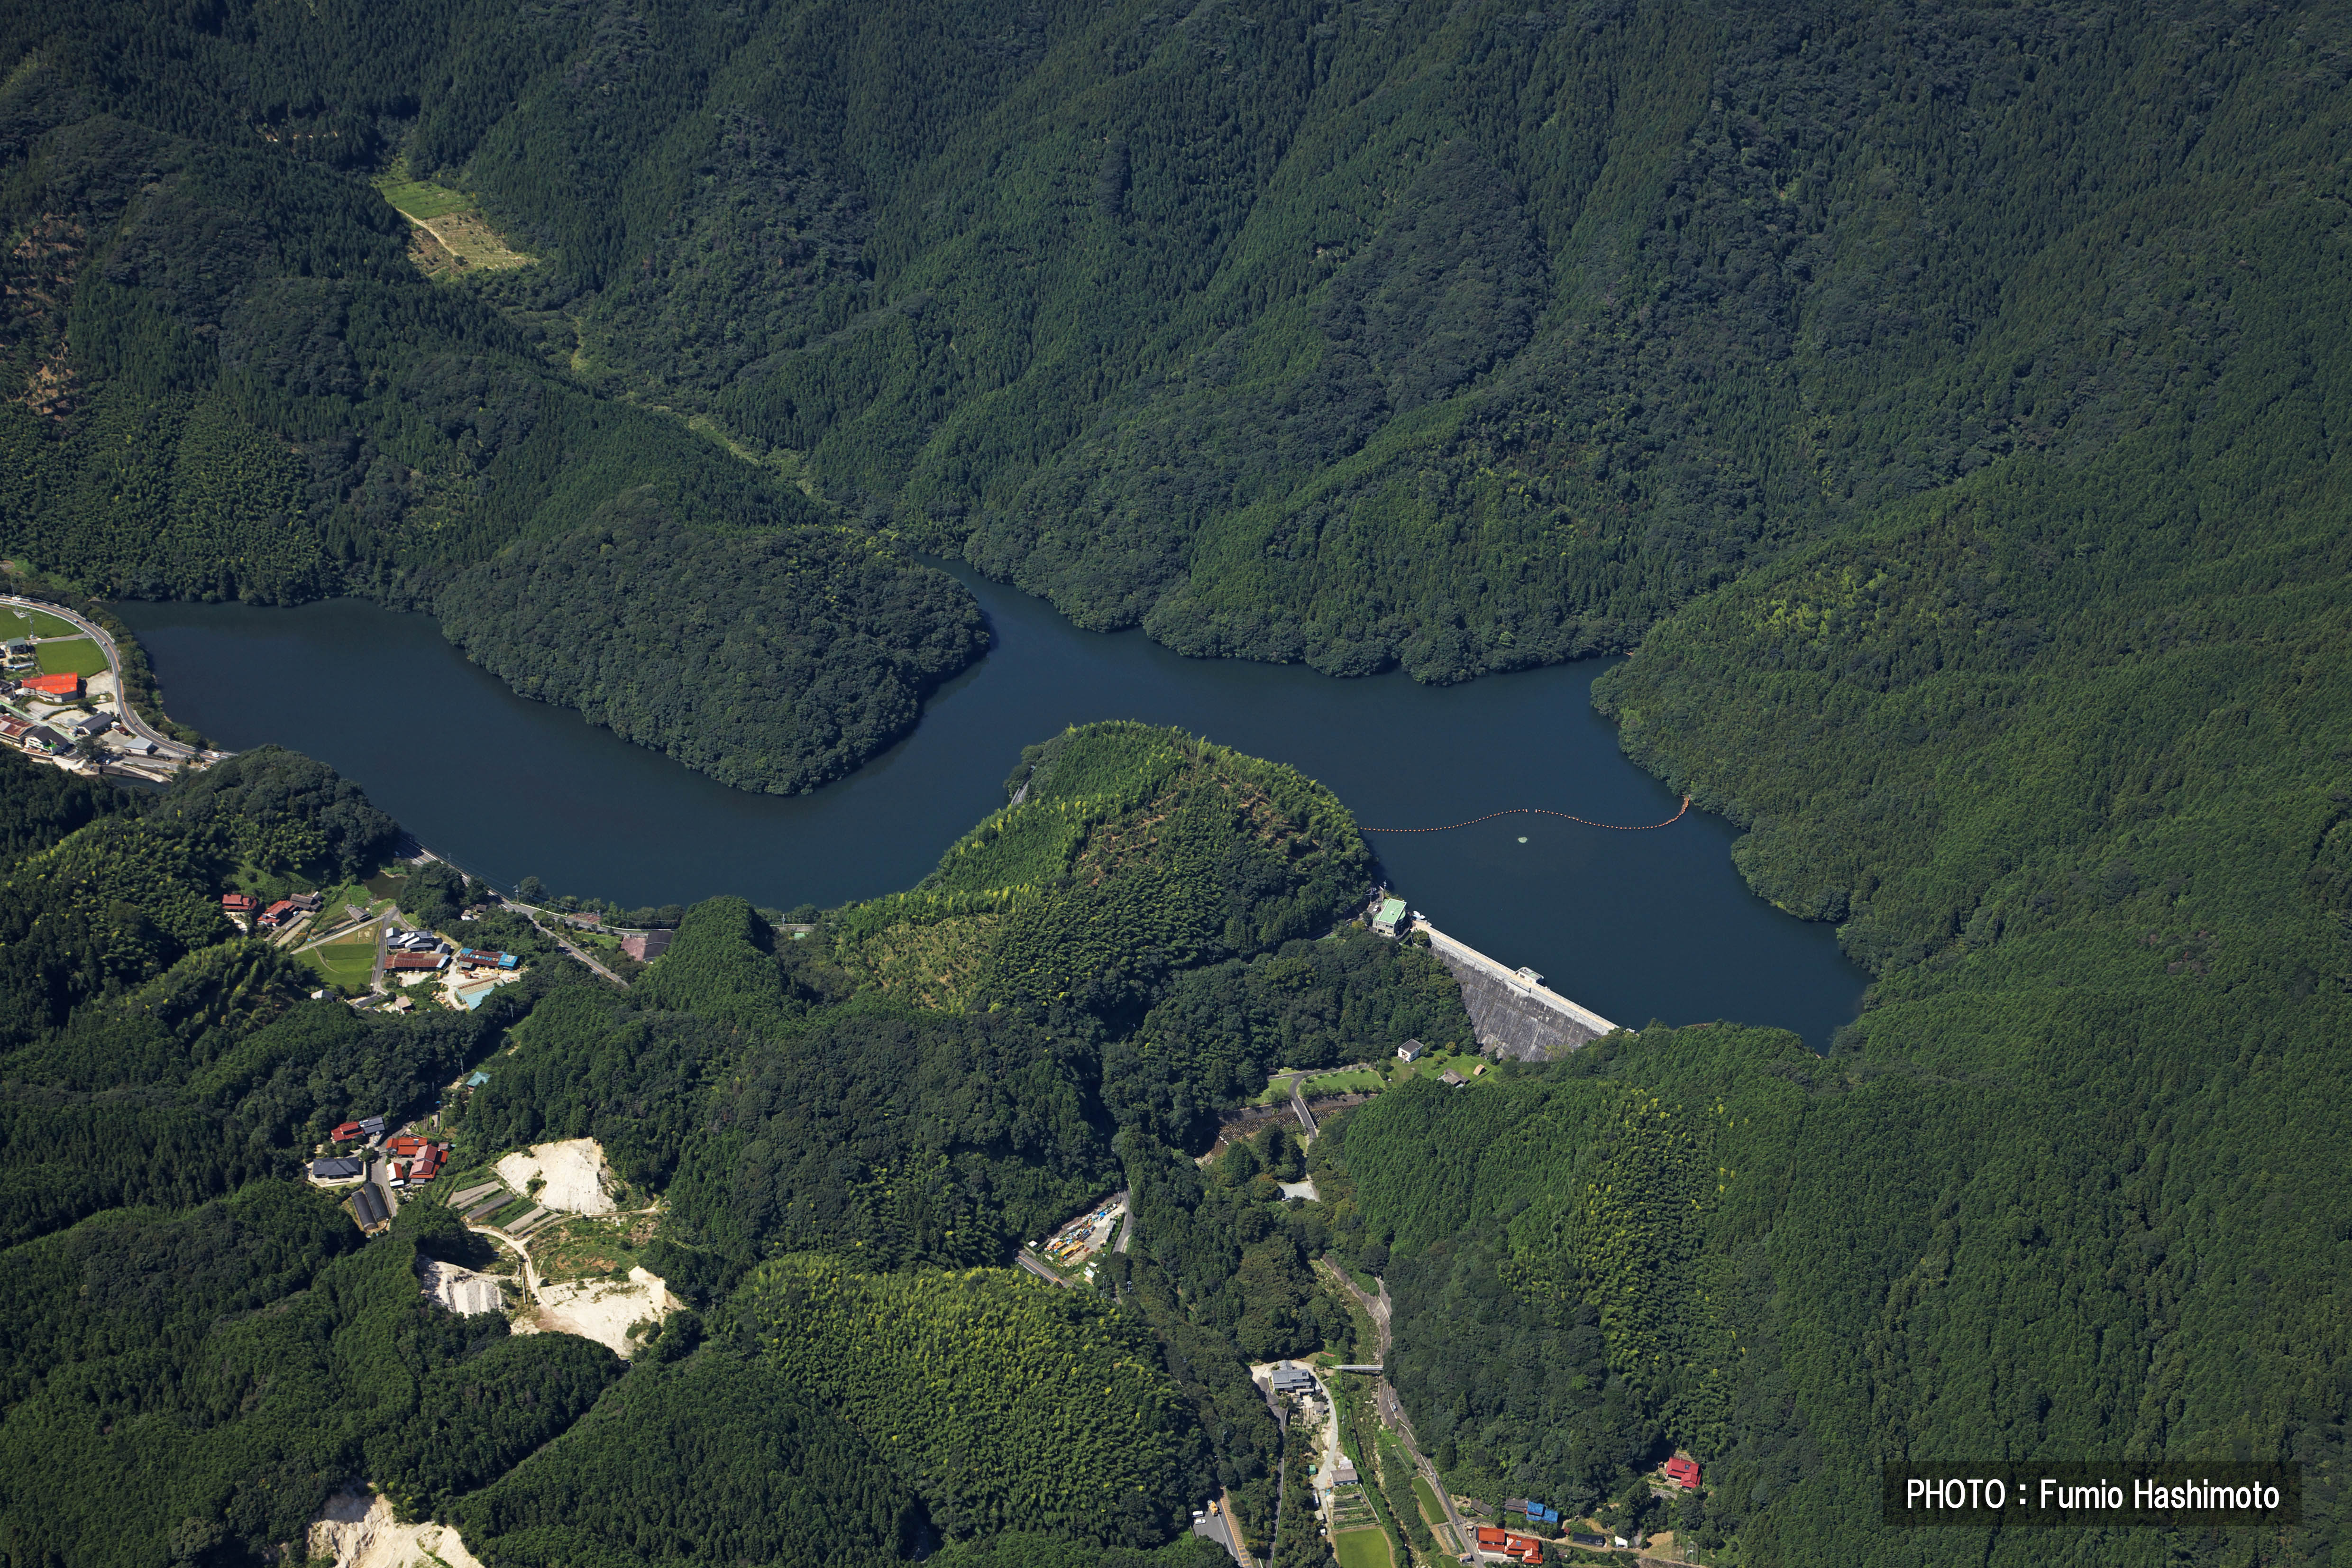 曲渕ダム(2009)の画像